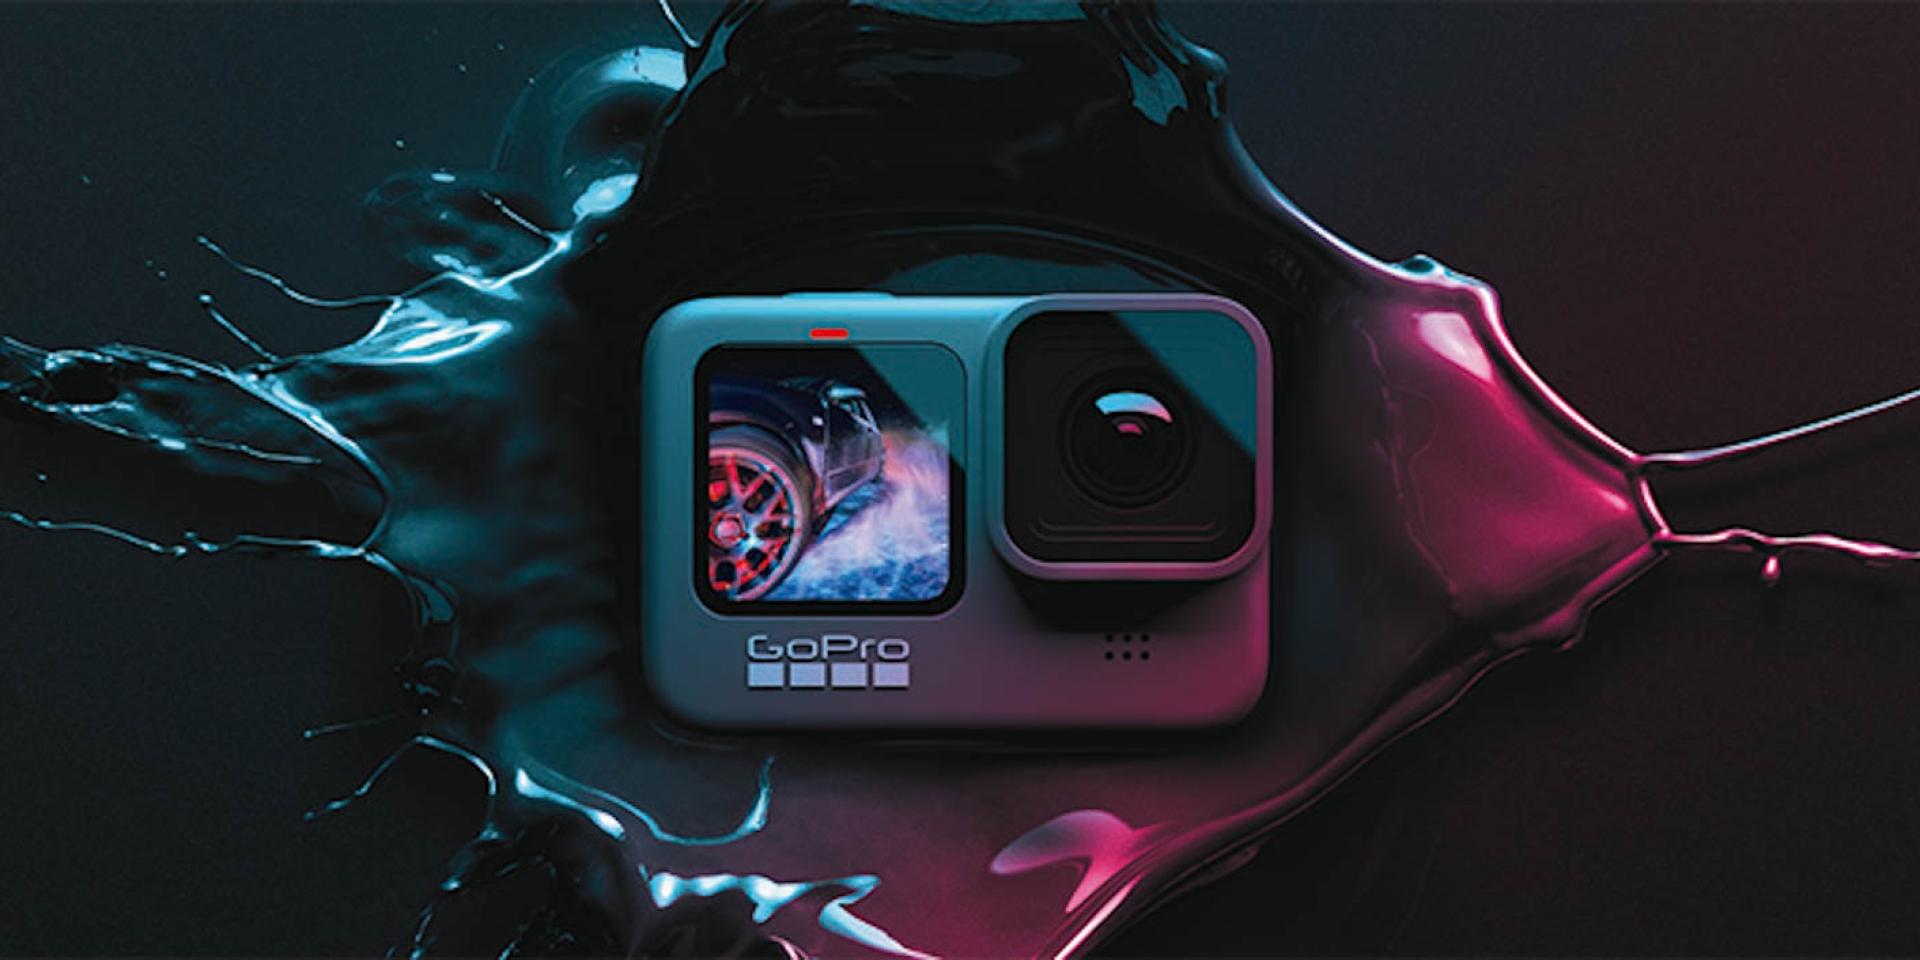 升級有感 終於有自拍螢幕!GoPro HERO9 BLACK來了